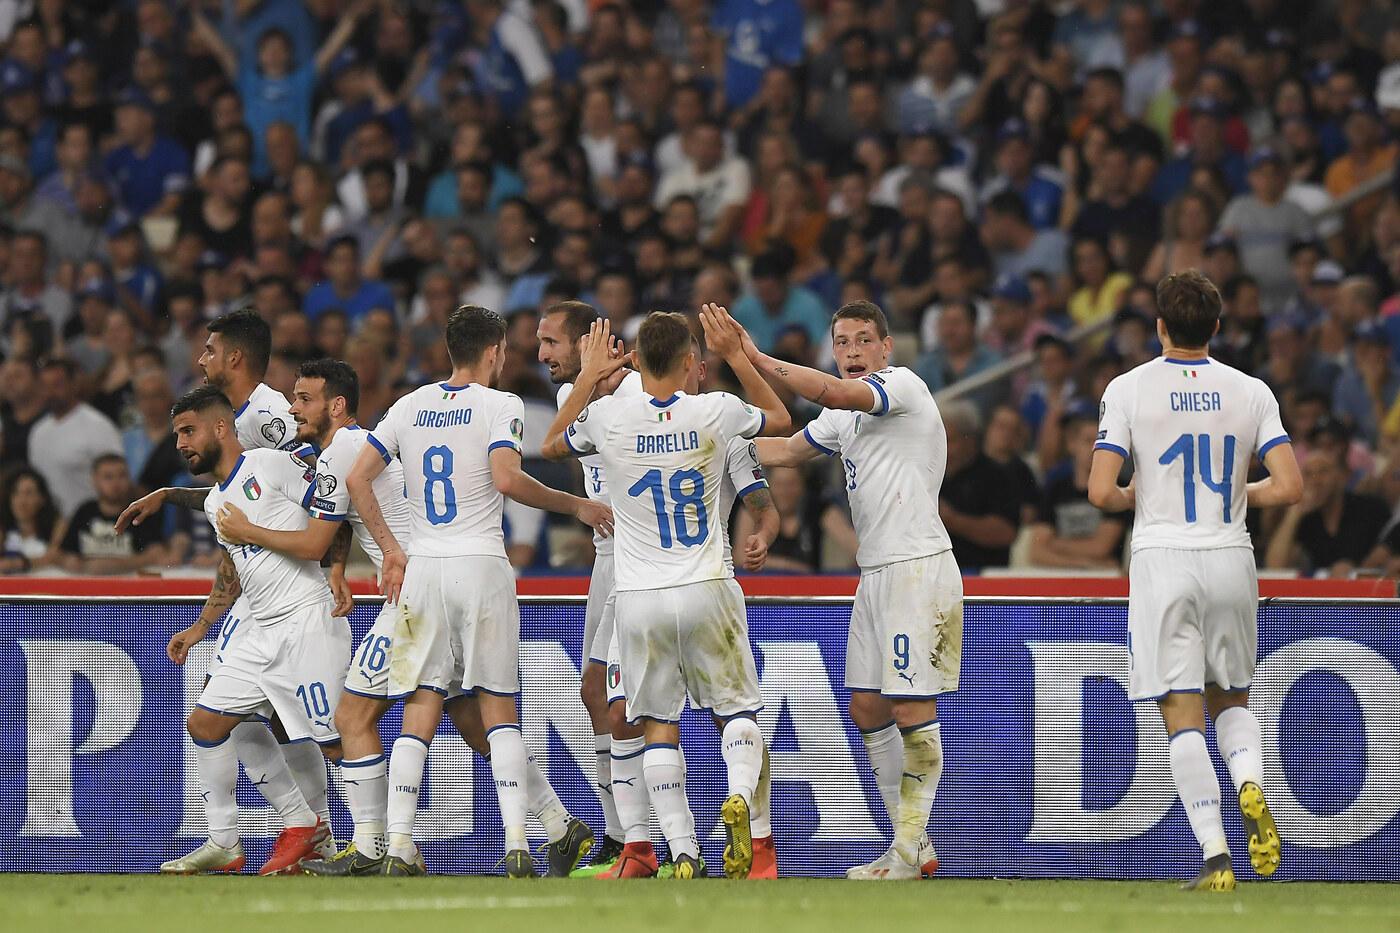 Le immagini migliori da Atene dove gli Azzurri hanno trionfato contro gli ellenici